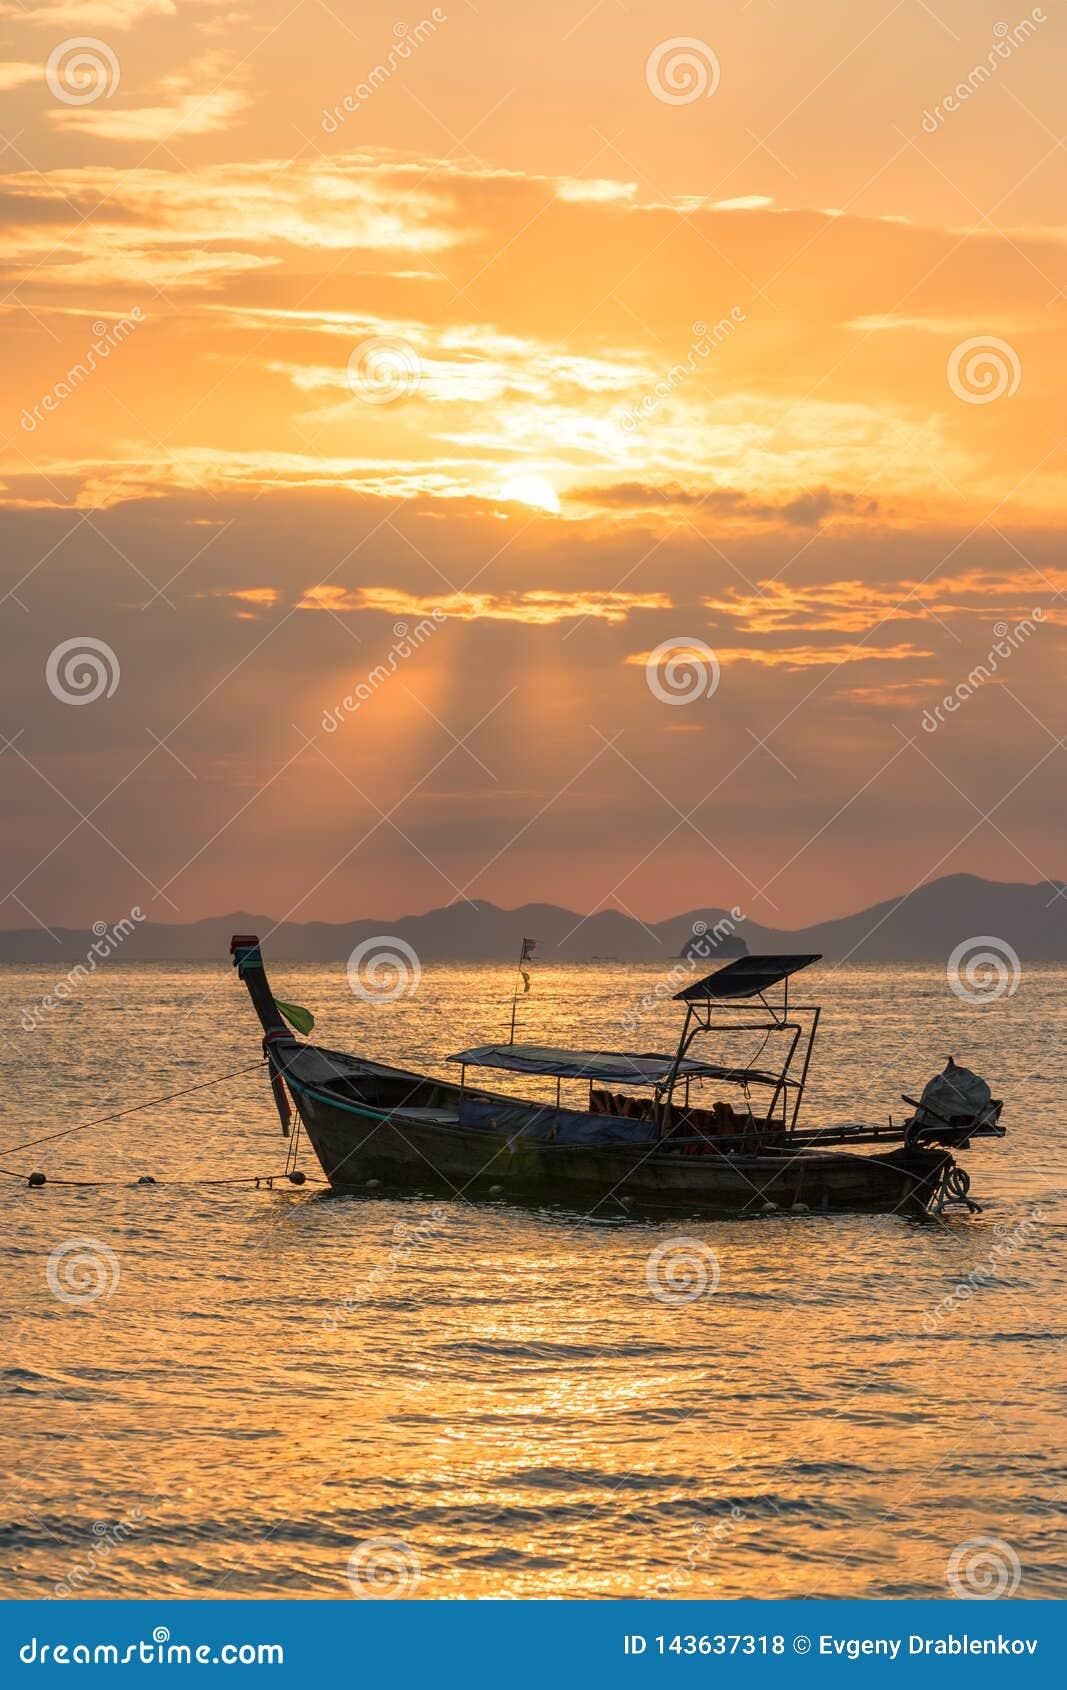 Χρυσές ακτίνες ήλιων και τοπική κενή ταϊλανδική βάρκα longtail κάτω από τους στο θαλάσσιο νερό στο όμορφο πορτοκαλί ηλιοβασίλεμα